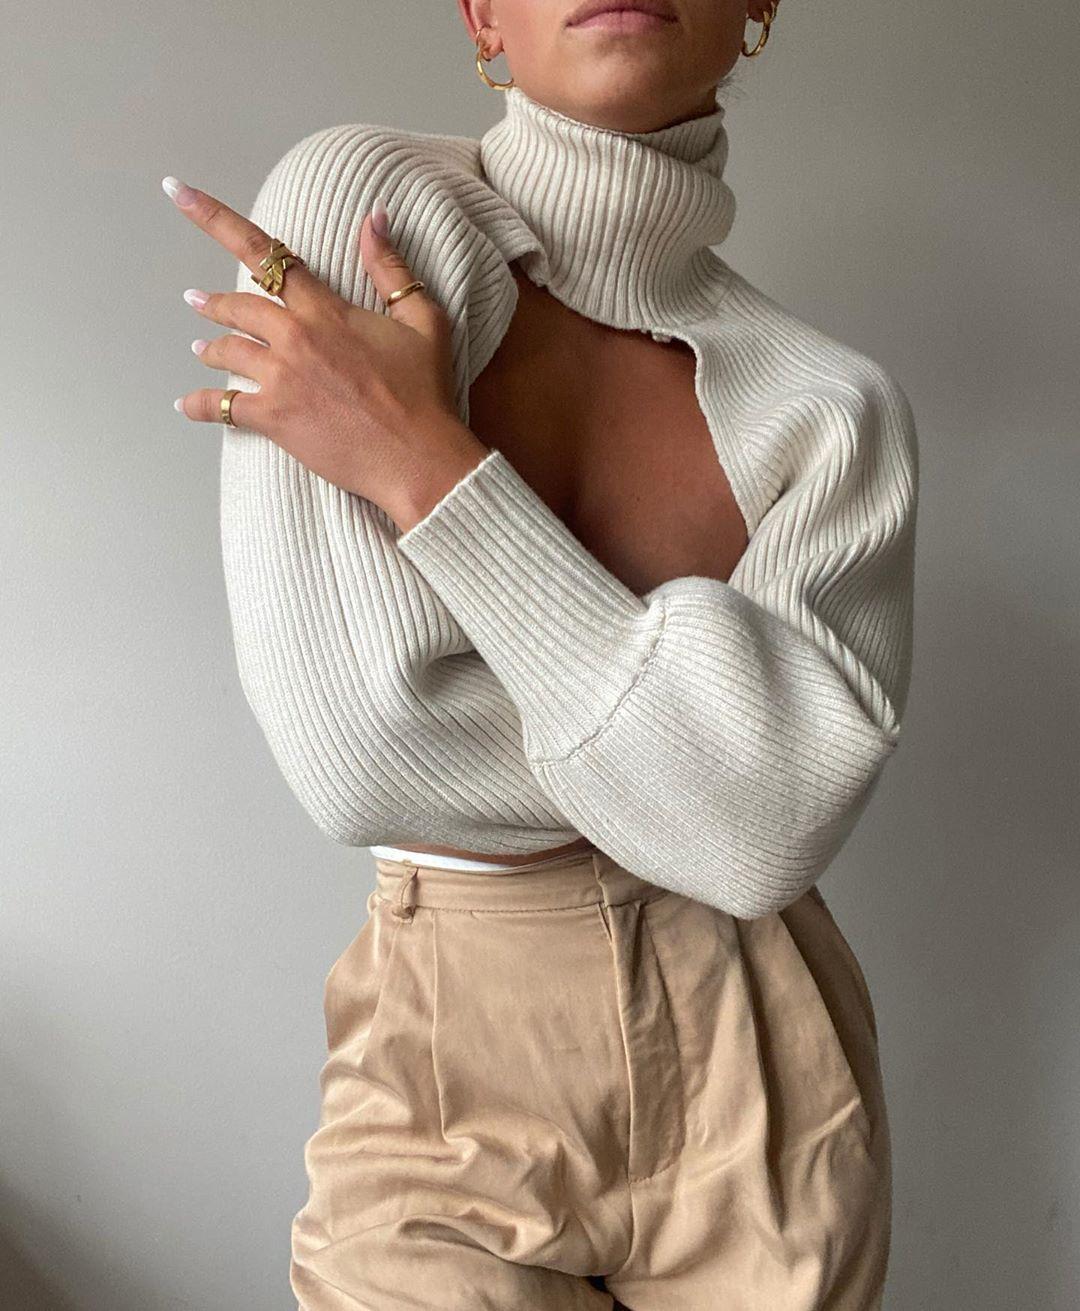 Женский свитер для девочек Однотонный свитер с высоким воротником и длинными пышными рукавами; Вязаный пуловер; Свитер для женщин, весенняя...